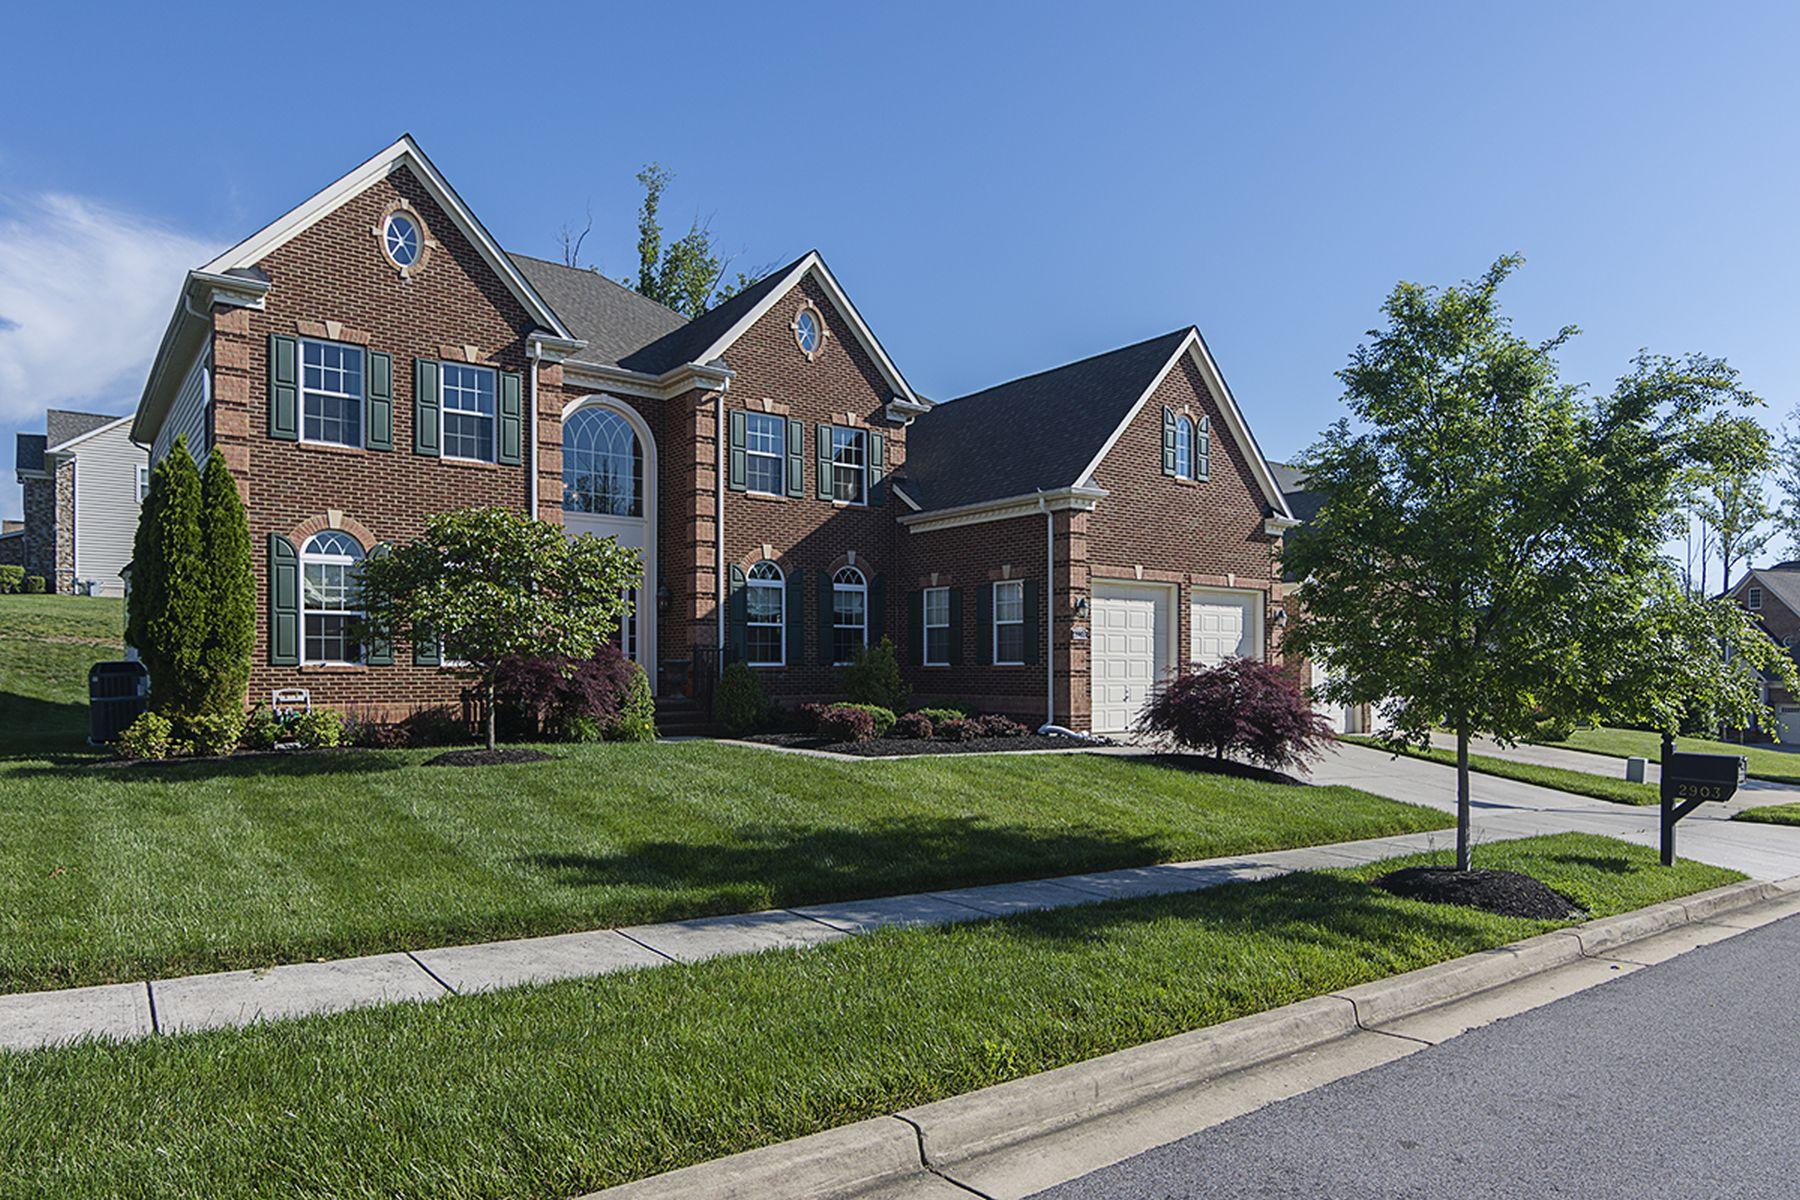 独户住宅 为 销售 在 2903 Beech Orchard Lane, Upper Marlboro 2903 Beech Orchard Ln 上马尔伯勒, 马里兰州, 20774 美国